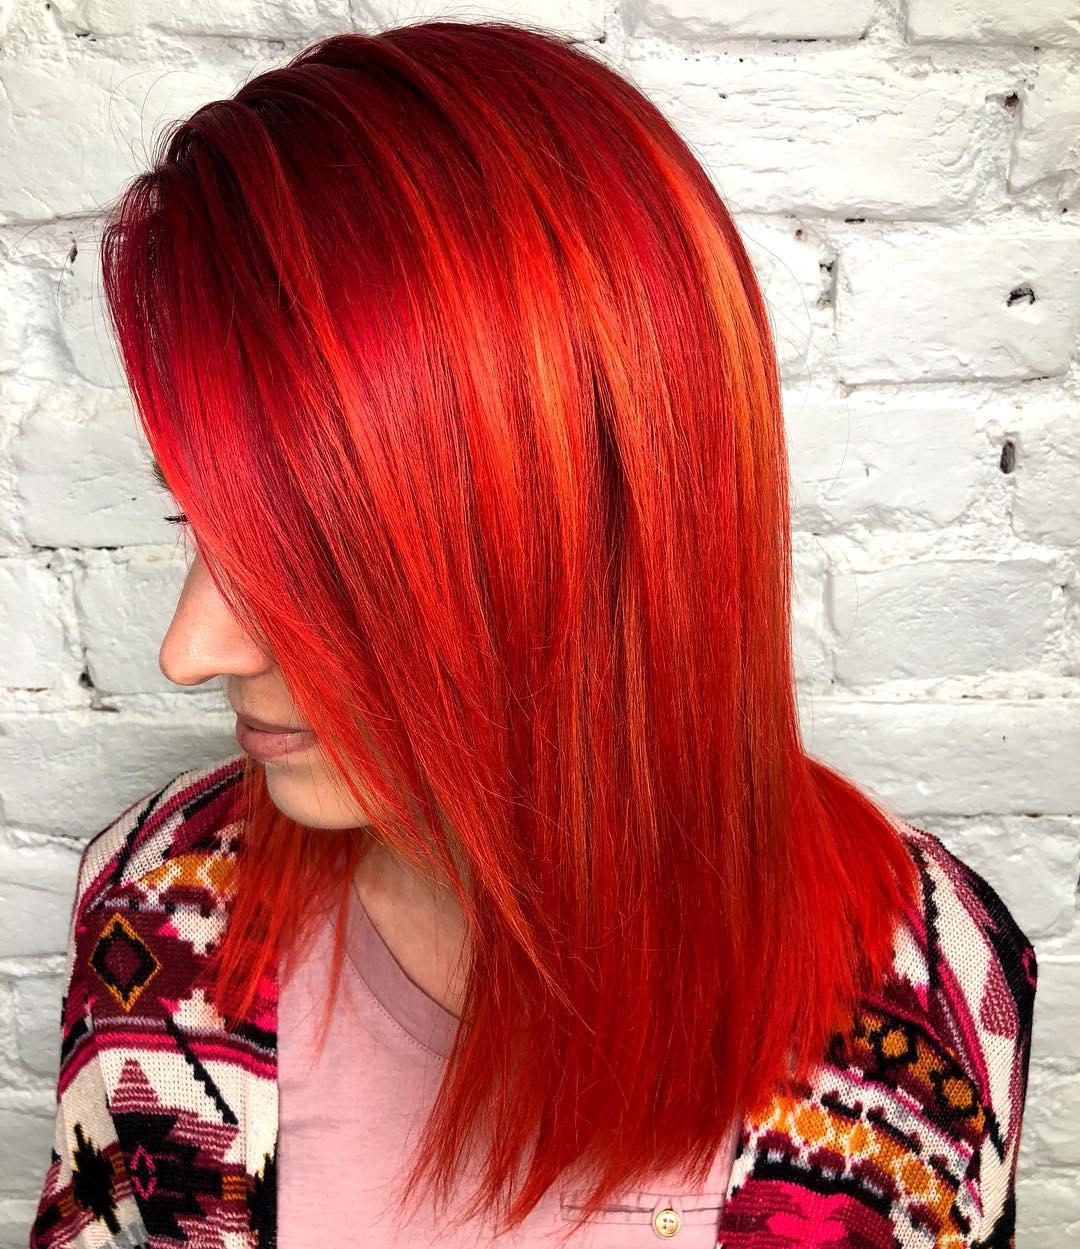 Красные волосы на женщинах 40-50 лет фото 12